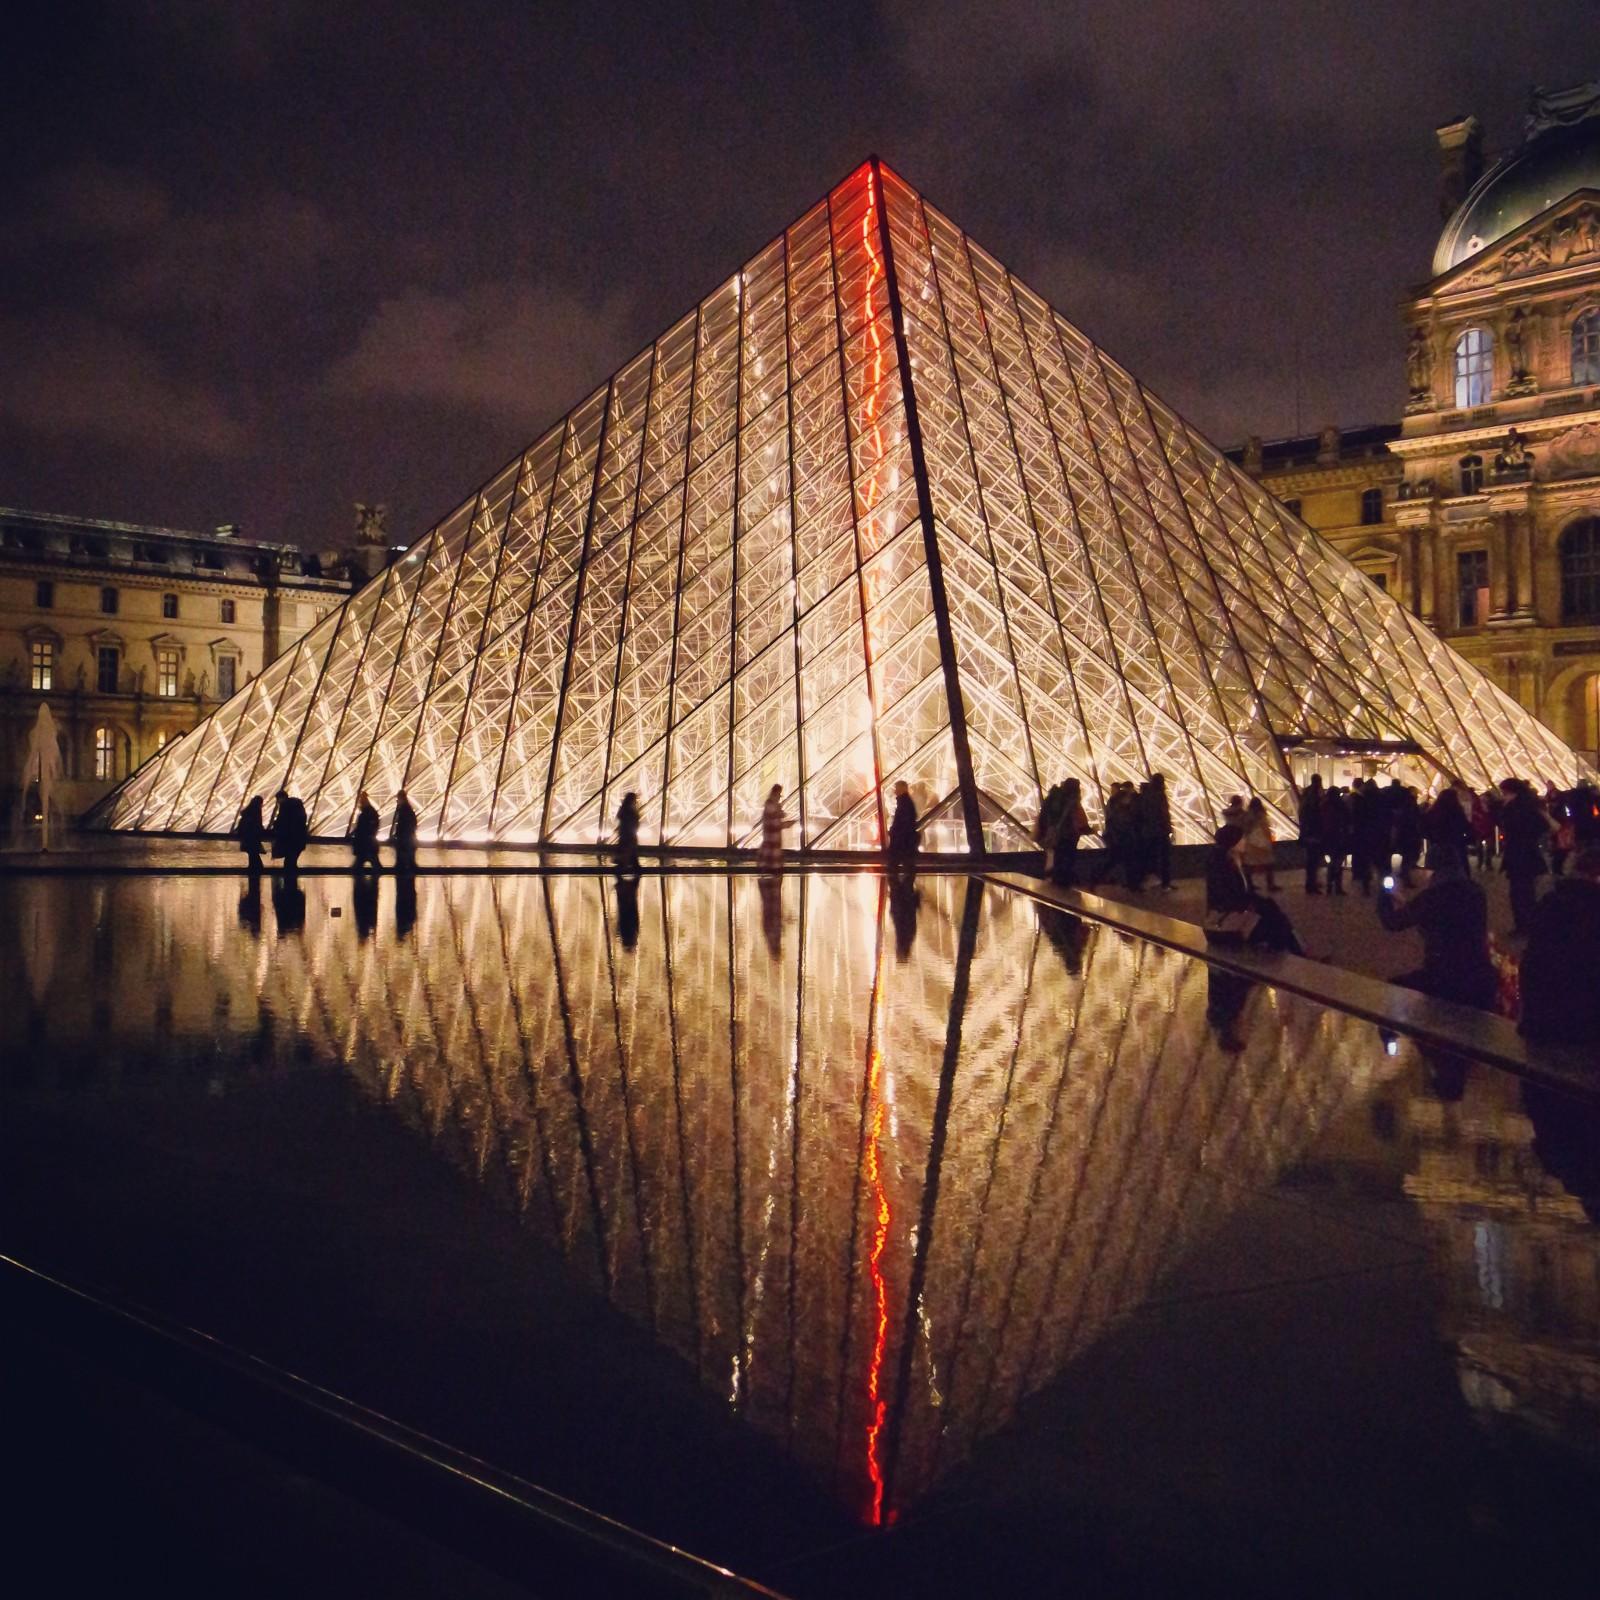 Pyramide Musée du Louvre de nuit Paris city by night monument photo united states of paris blog usofparis